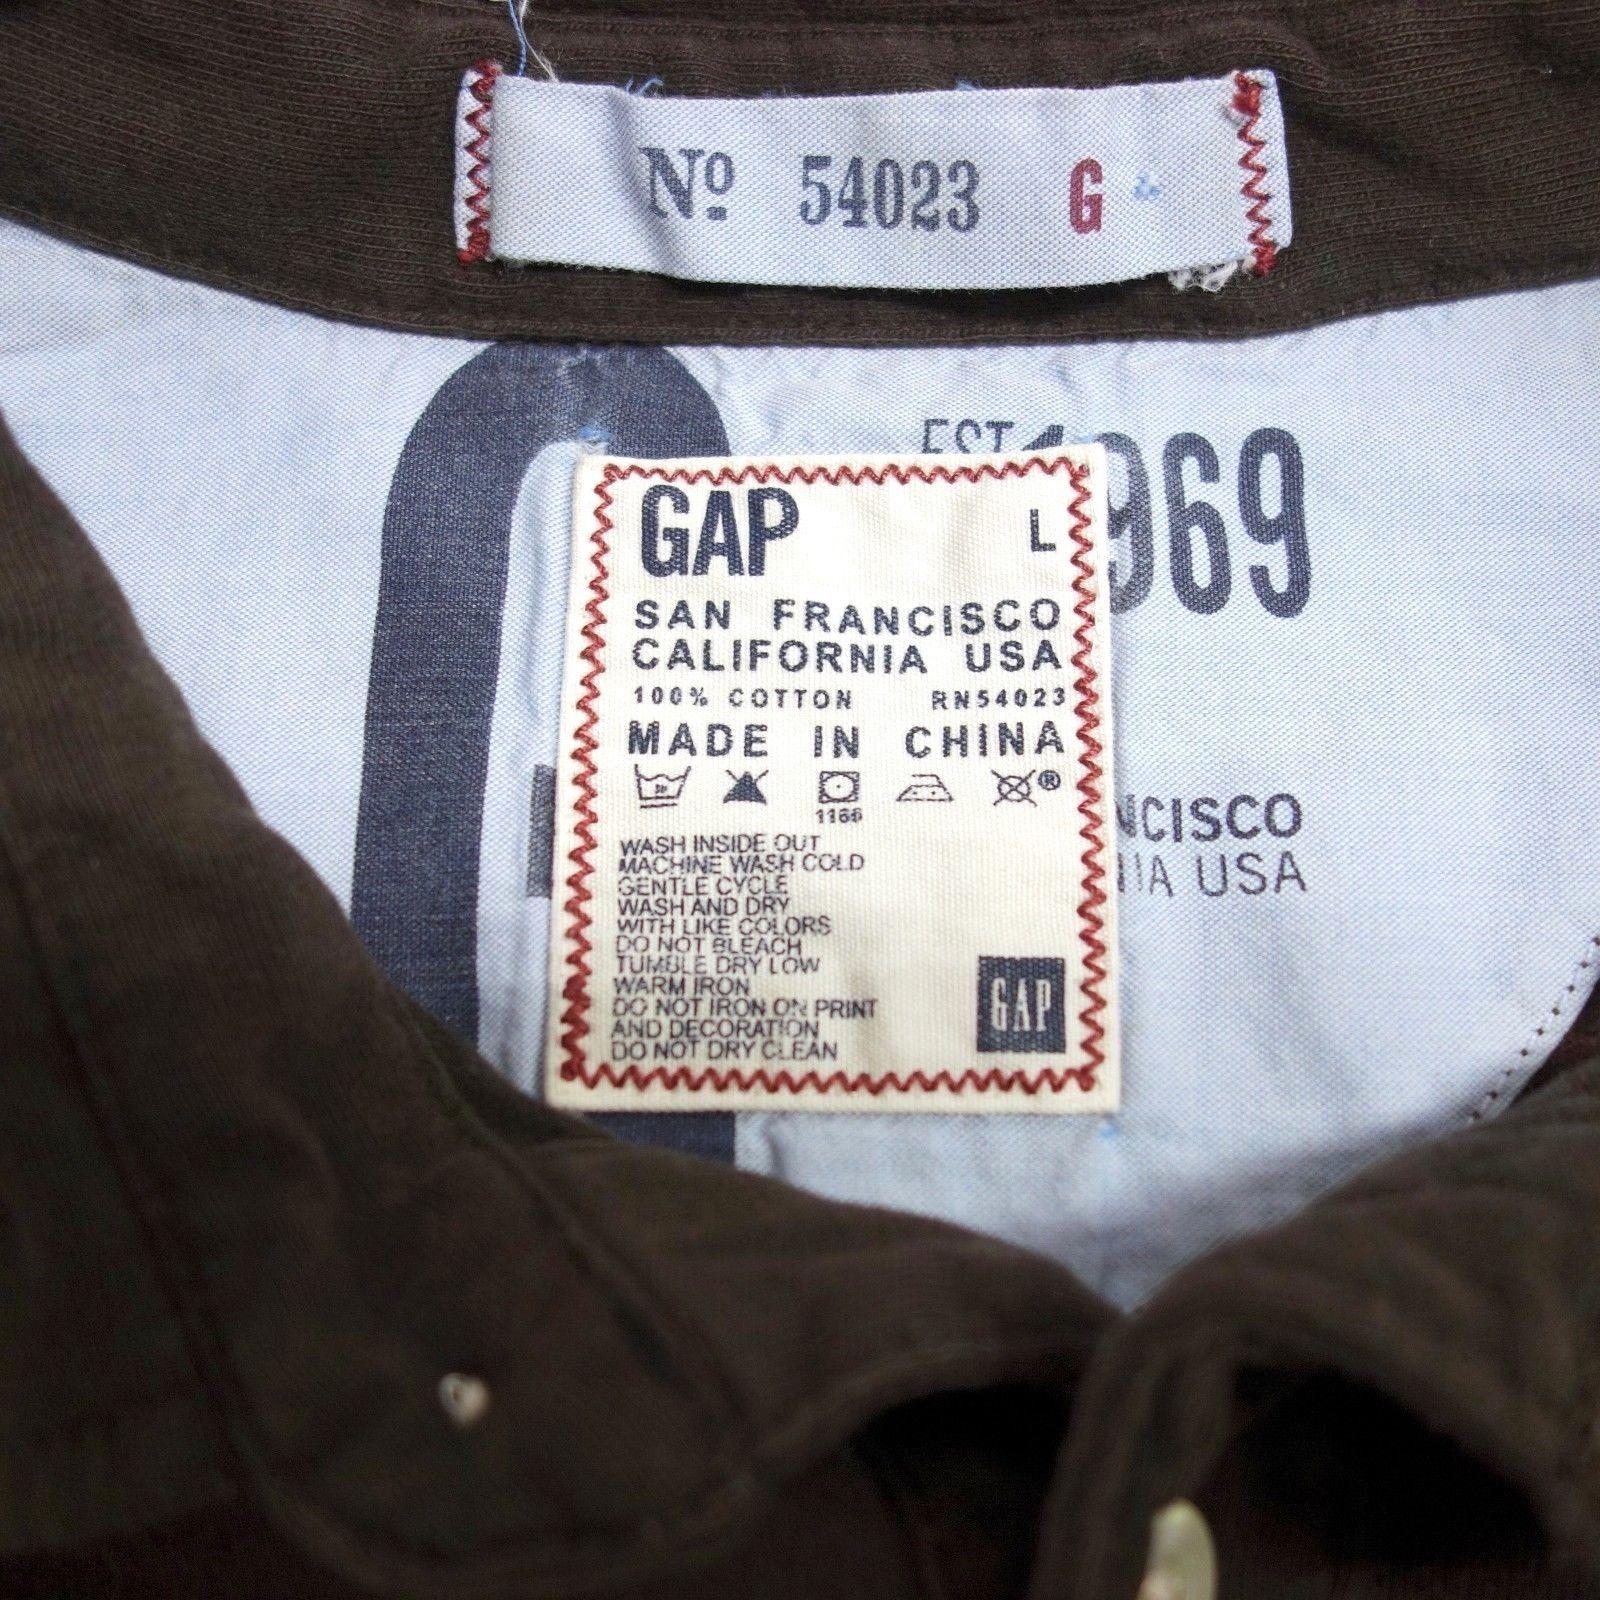 Gap Pocket Polo Shirt Men's Large Brown Cotton Bleached Design Established 1969 image 5